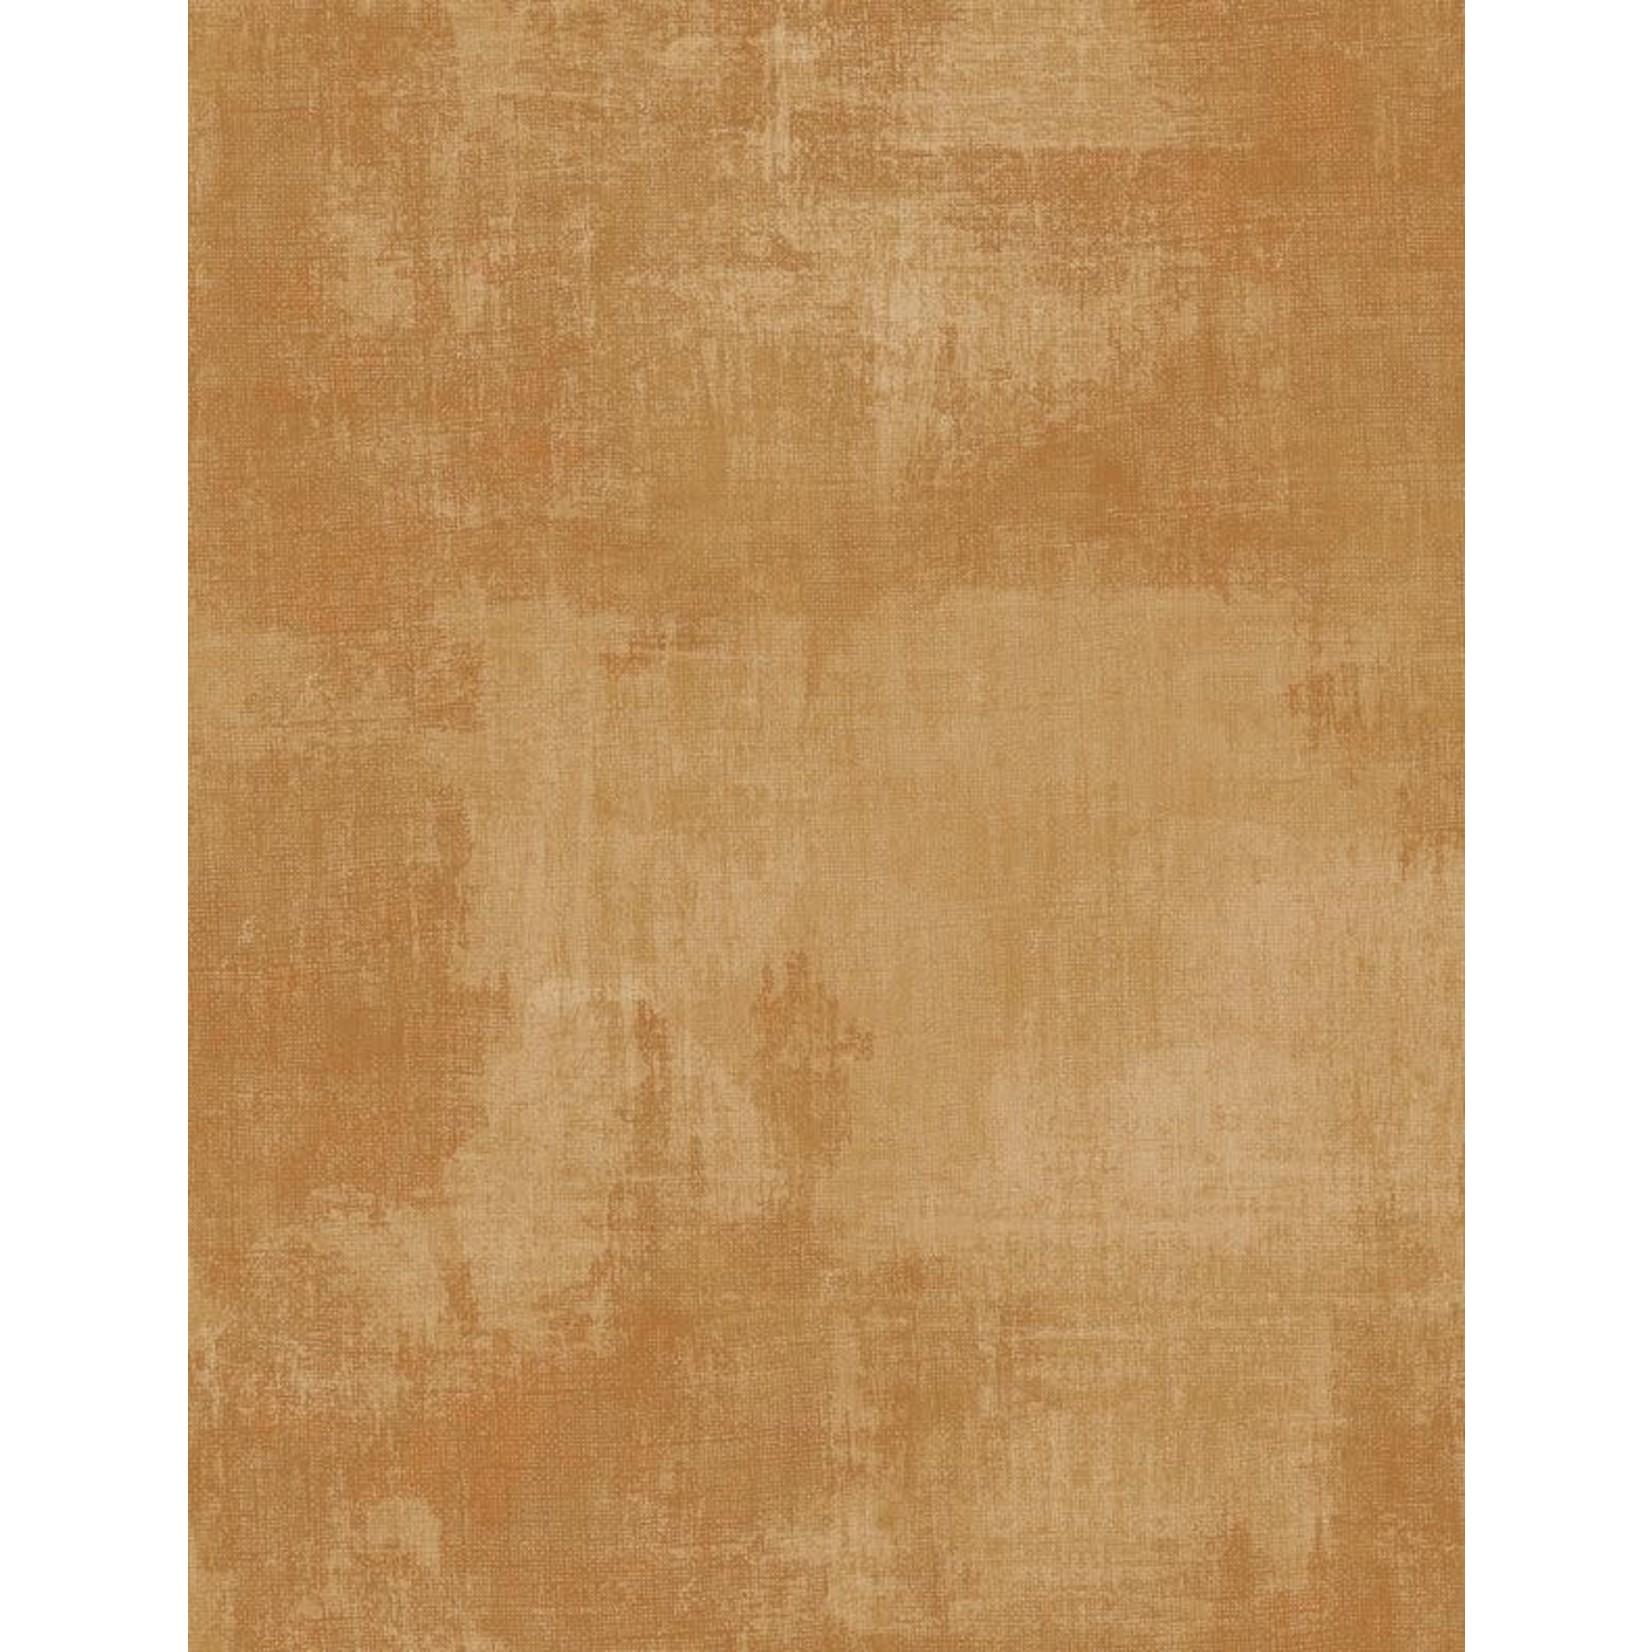 Wilmington Prints PER CM OR $20/M ESSENTIALS DRY BRUSH 252 CIDER